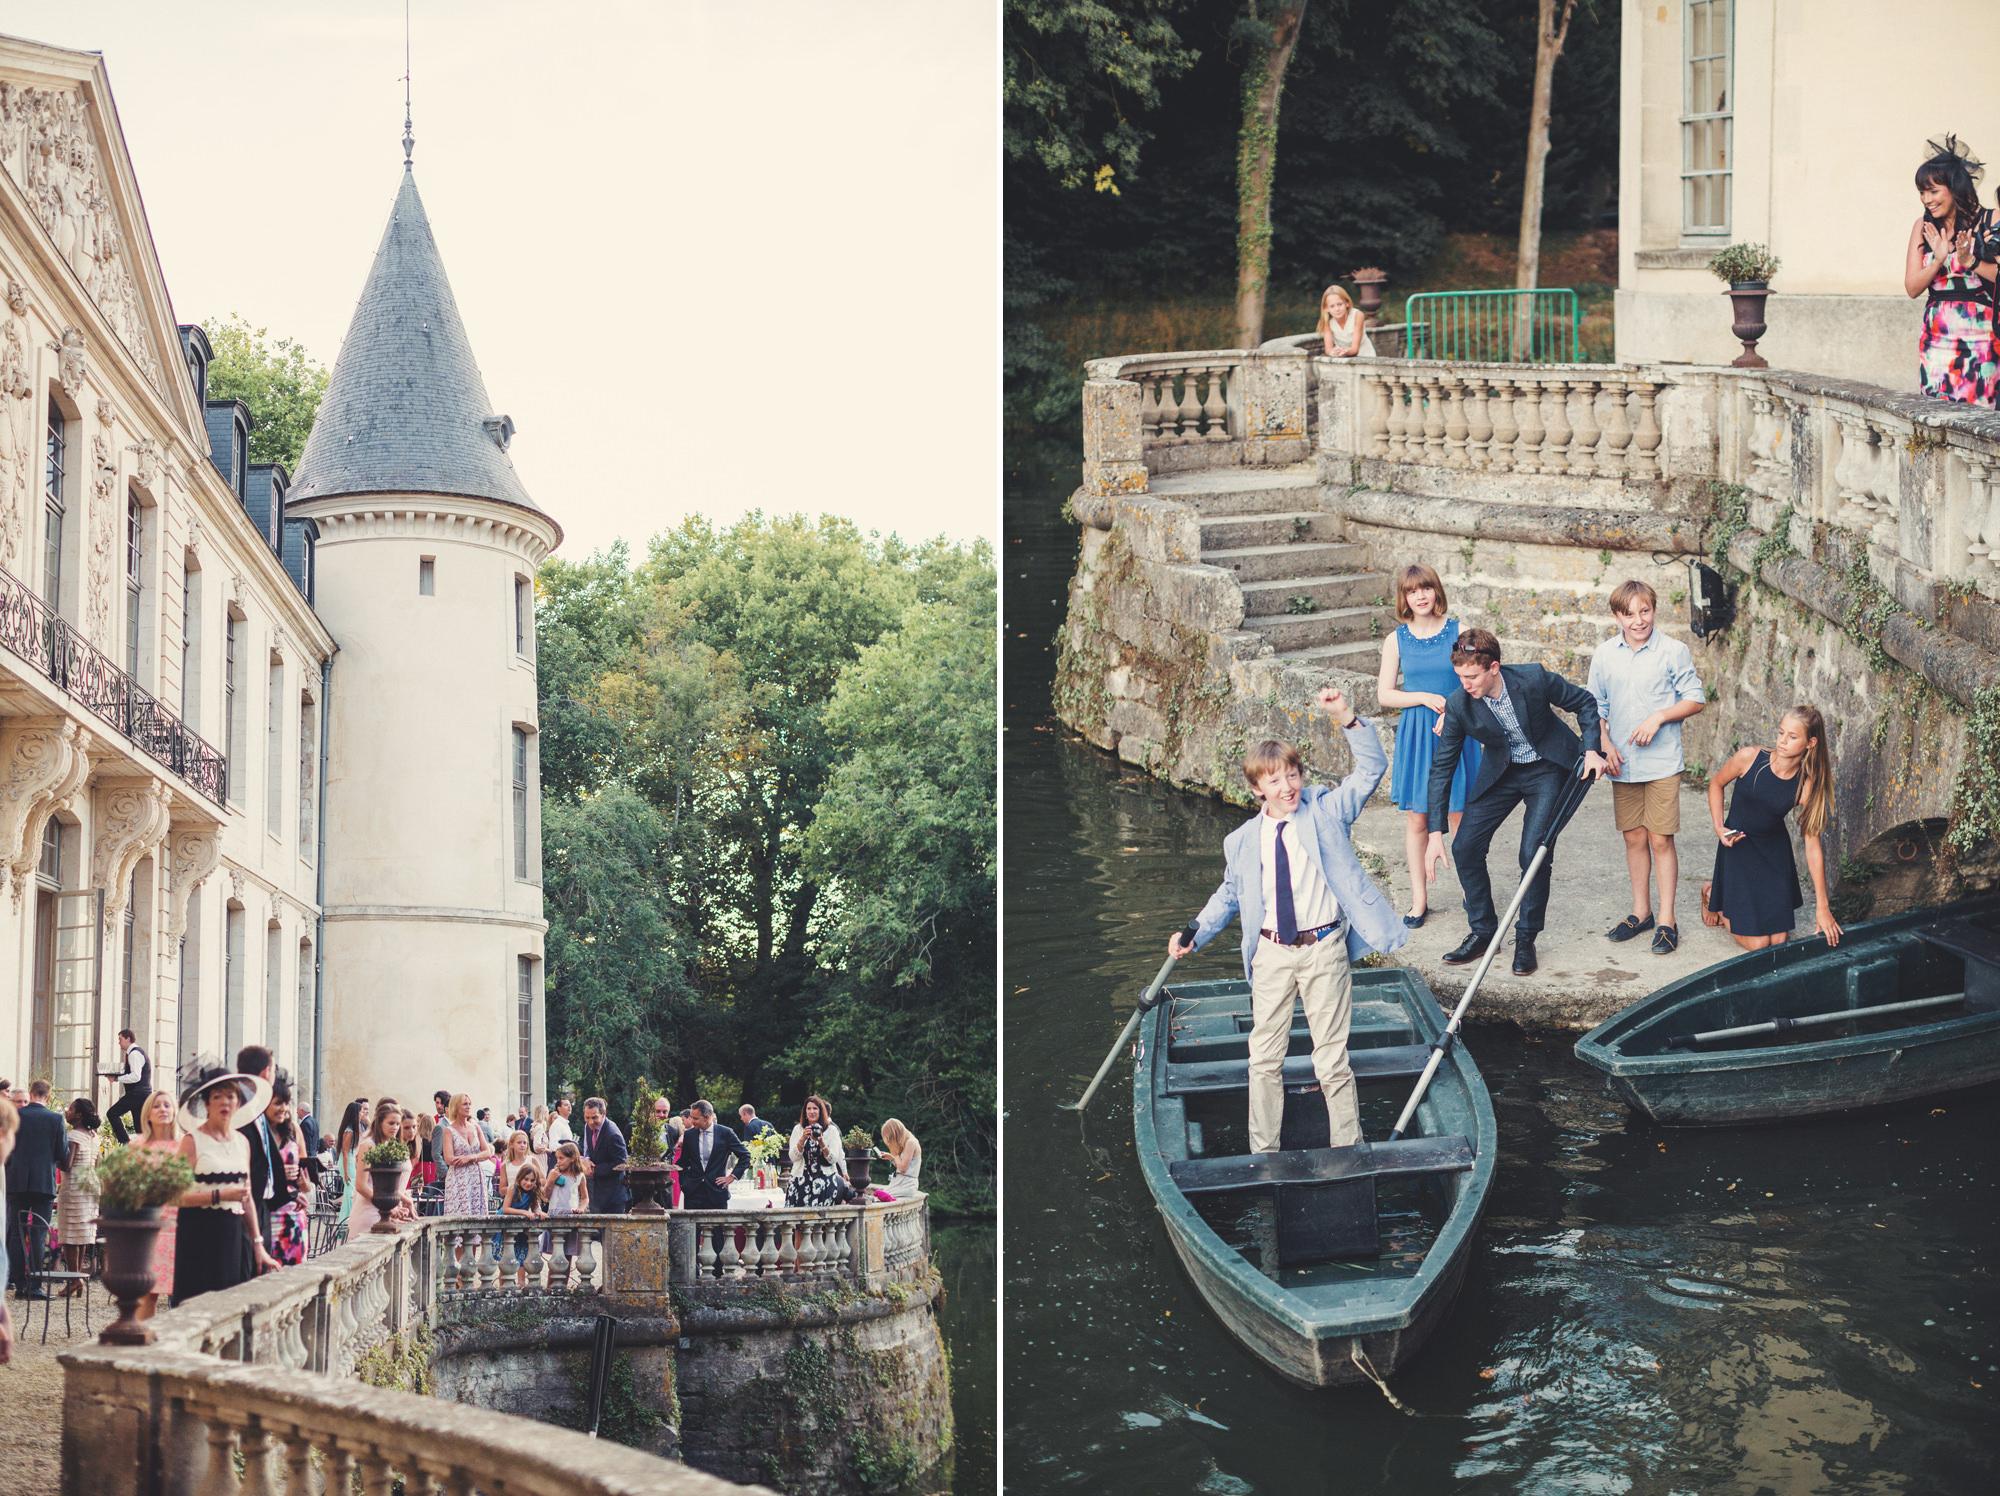 Mariage au Chateau d'Ermenonville@Anne-Claire Brun 61